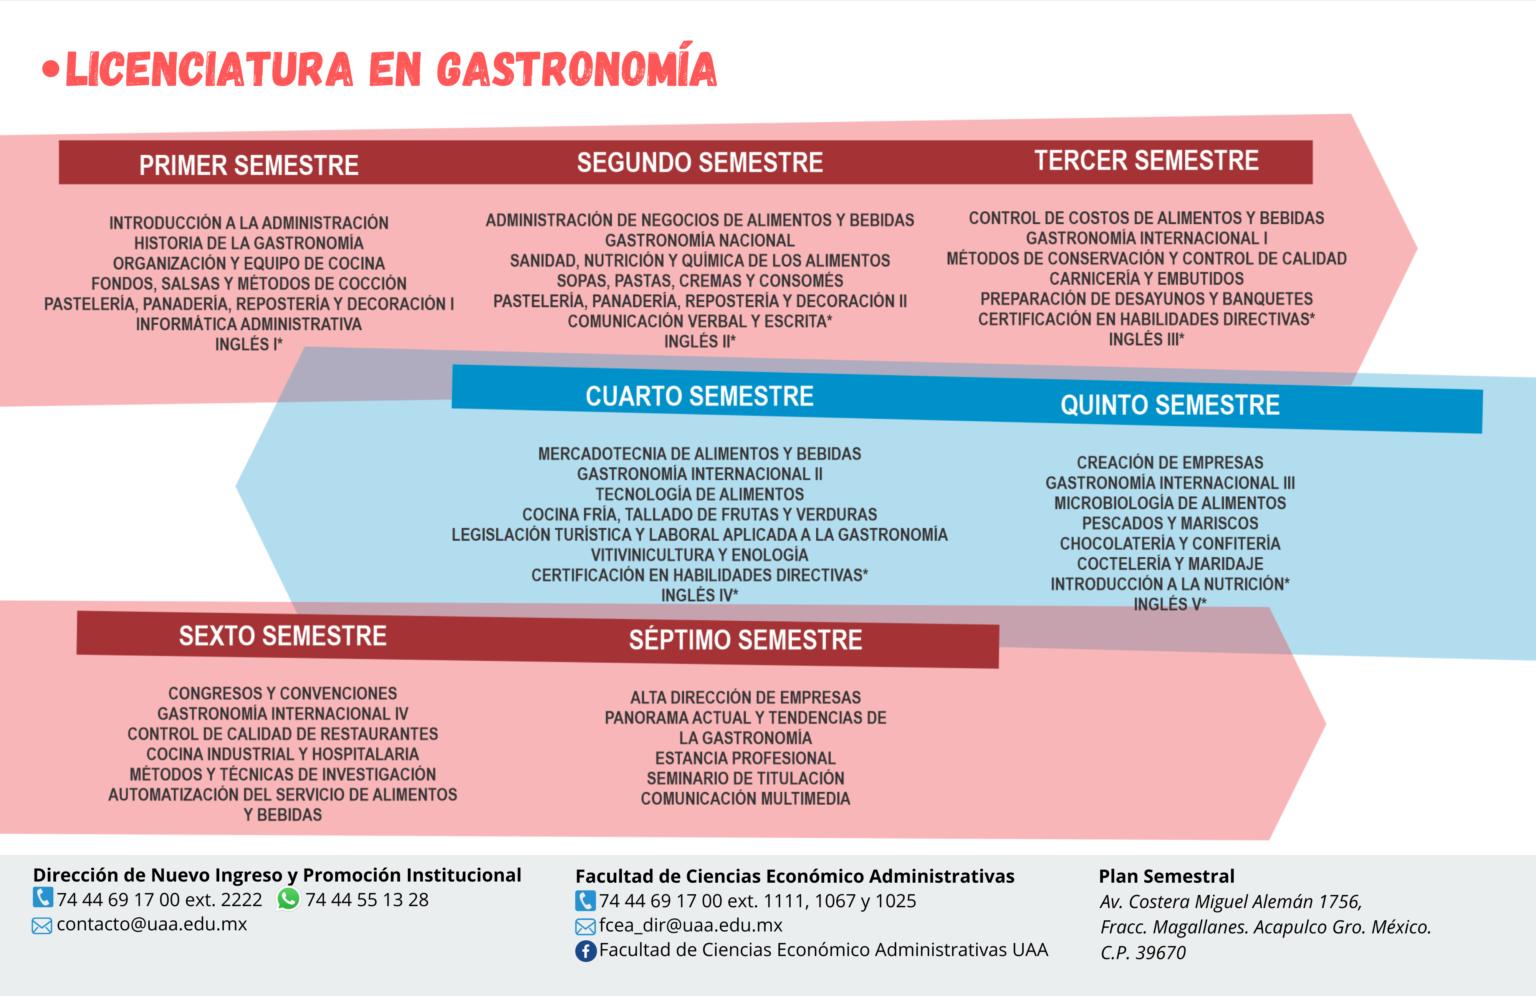 Universidad Americana de Acapulco - plan de estudio de gastronomia